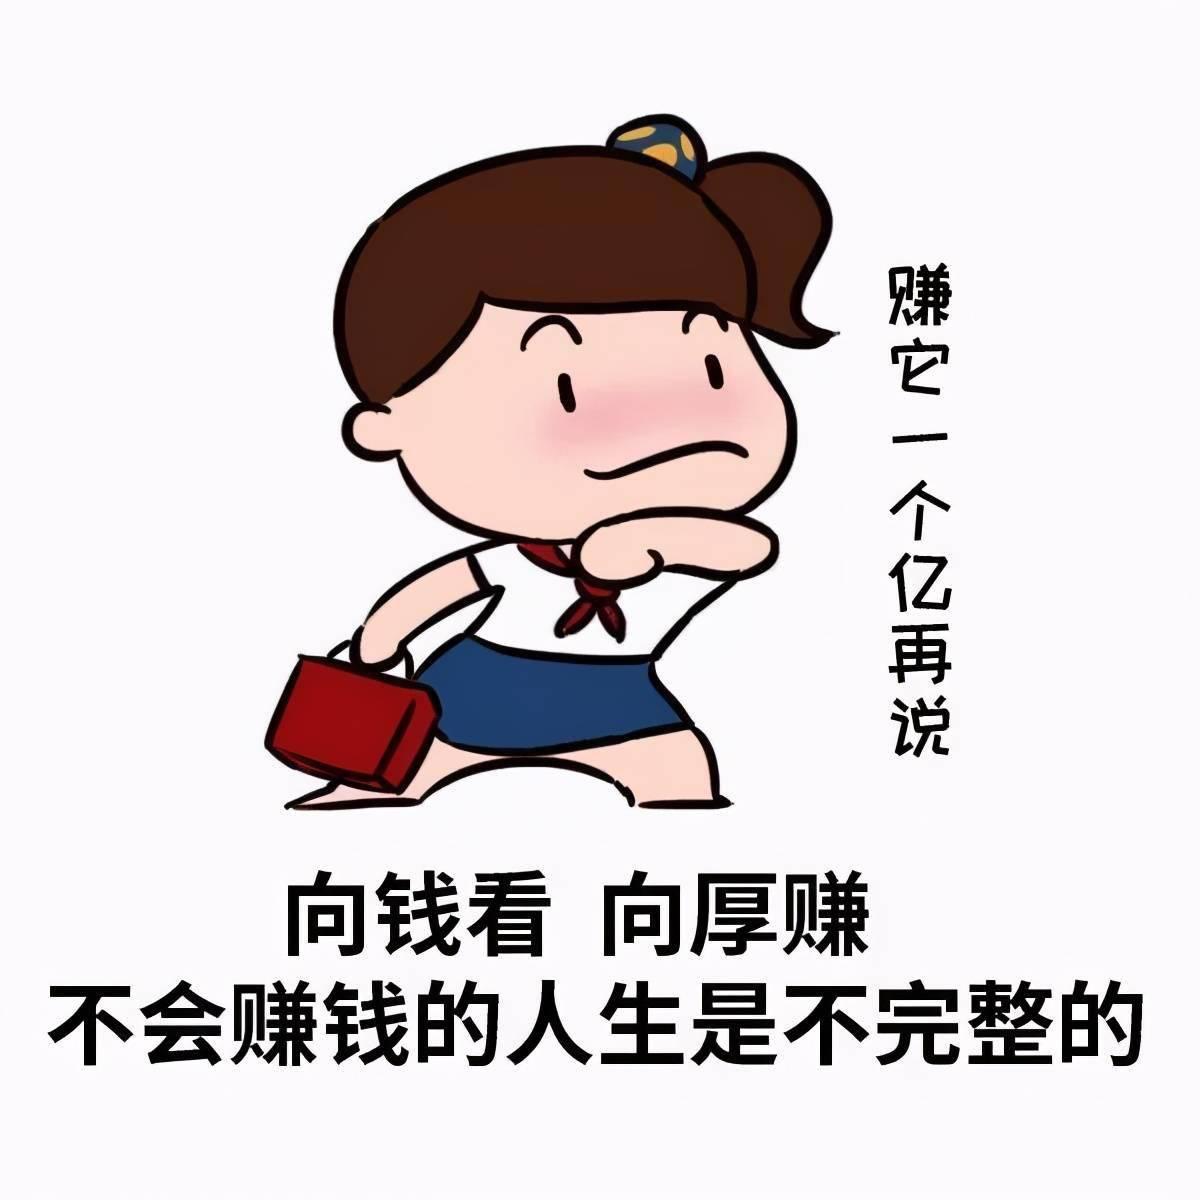 拉菲官网登陆-首页【1.1.0】